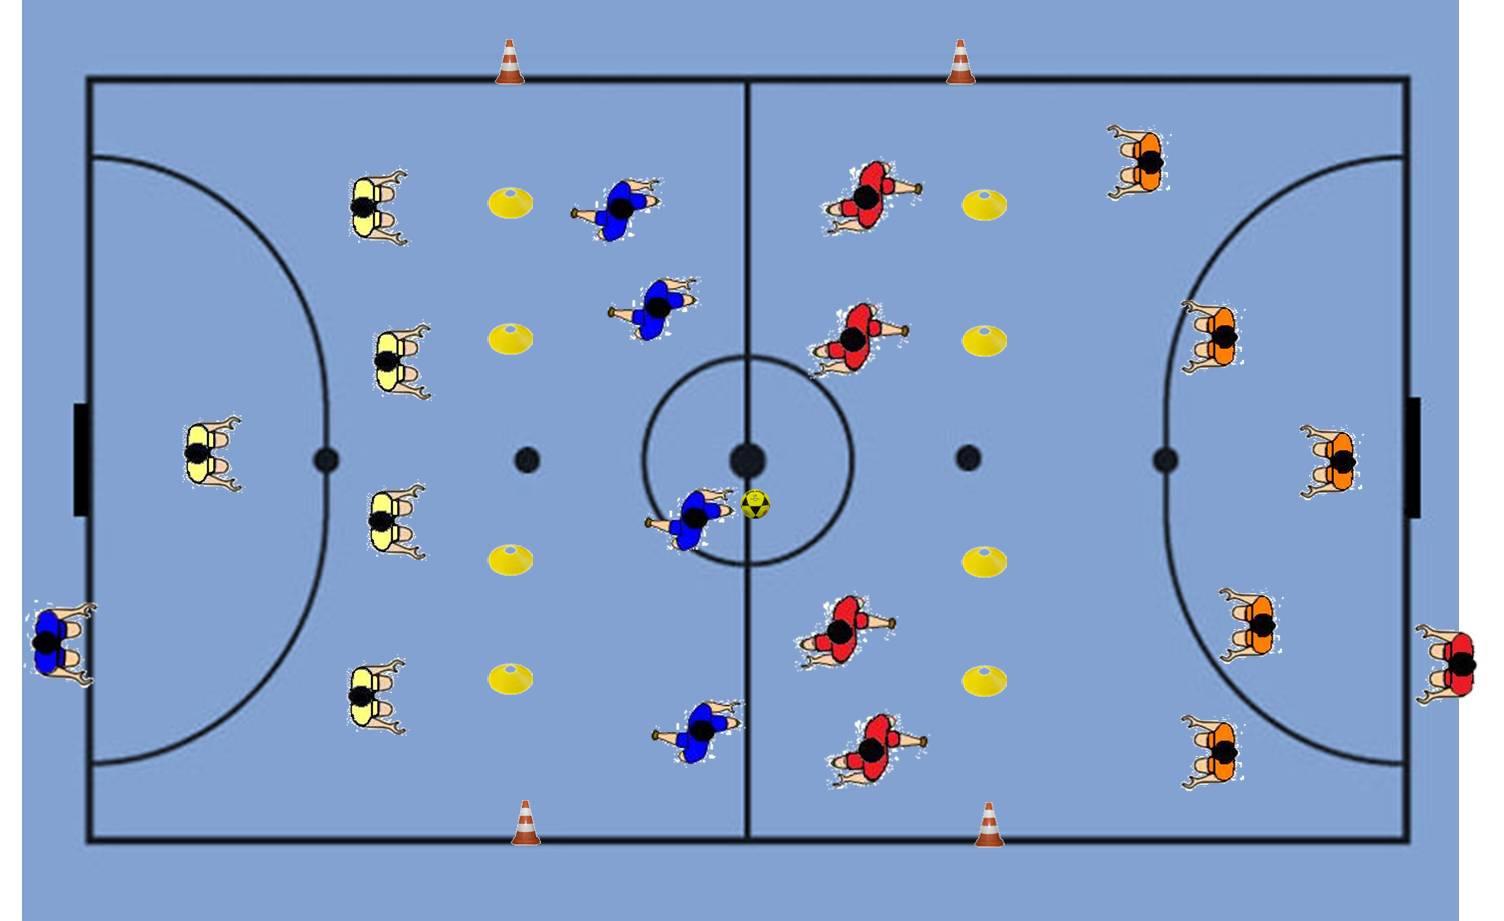 15cad79119 Livro de Exercícios para Educação Física  Futsal - Atividade Lúdica ...